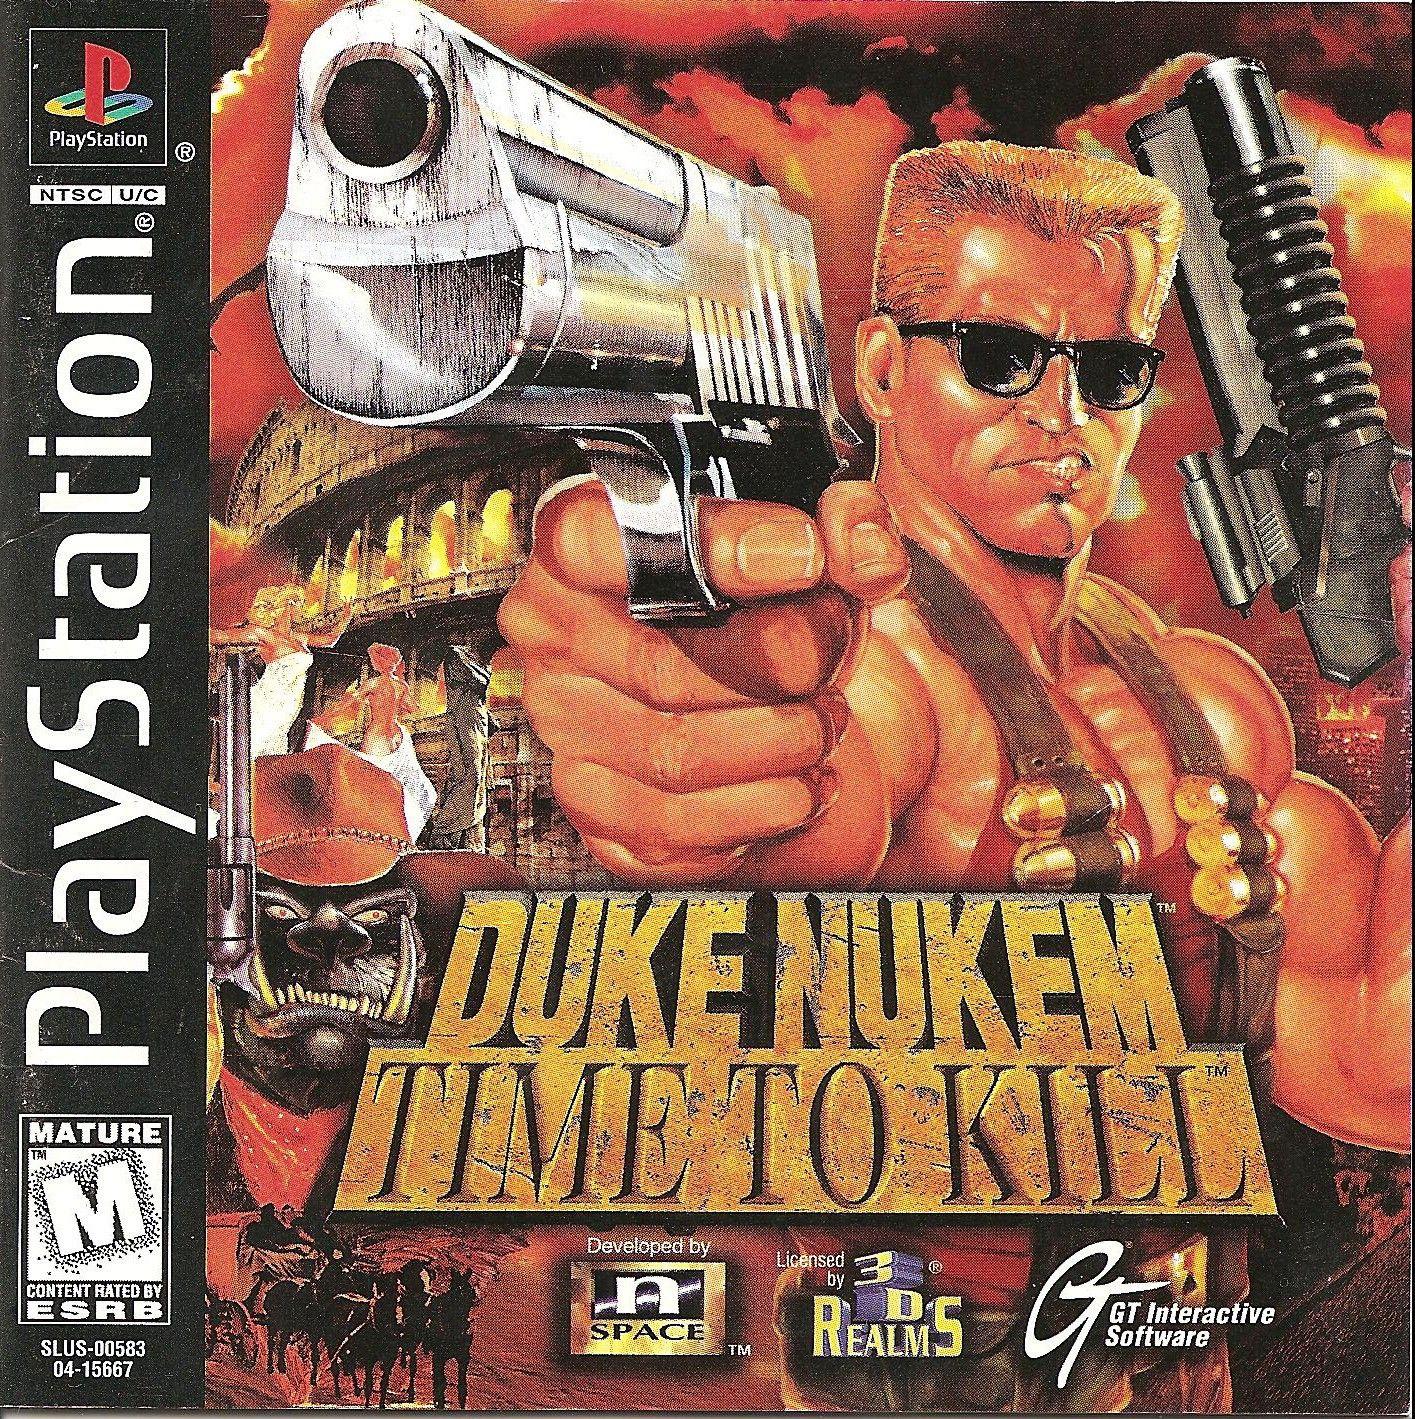 Pin de Aaron Viles em PlayStation Jogos, Game